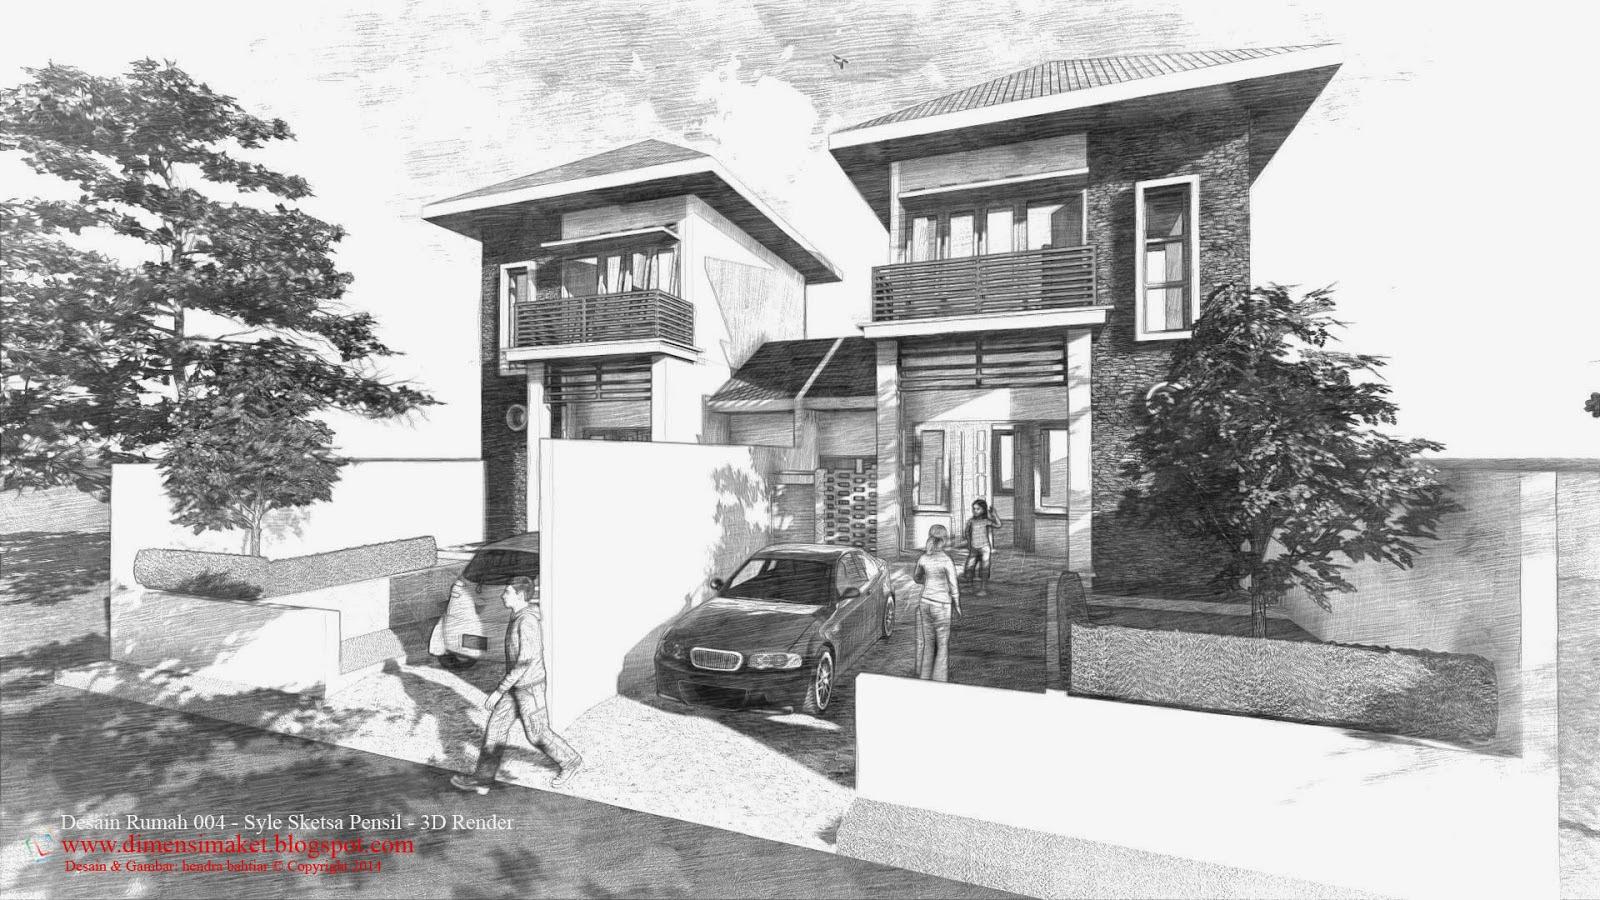 Gambar Rumah Dari Pensil Gambar Pemandangan Pensil Toko Fd